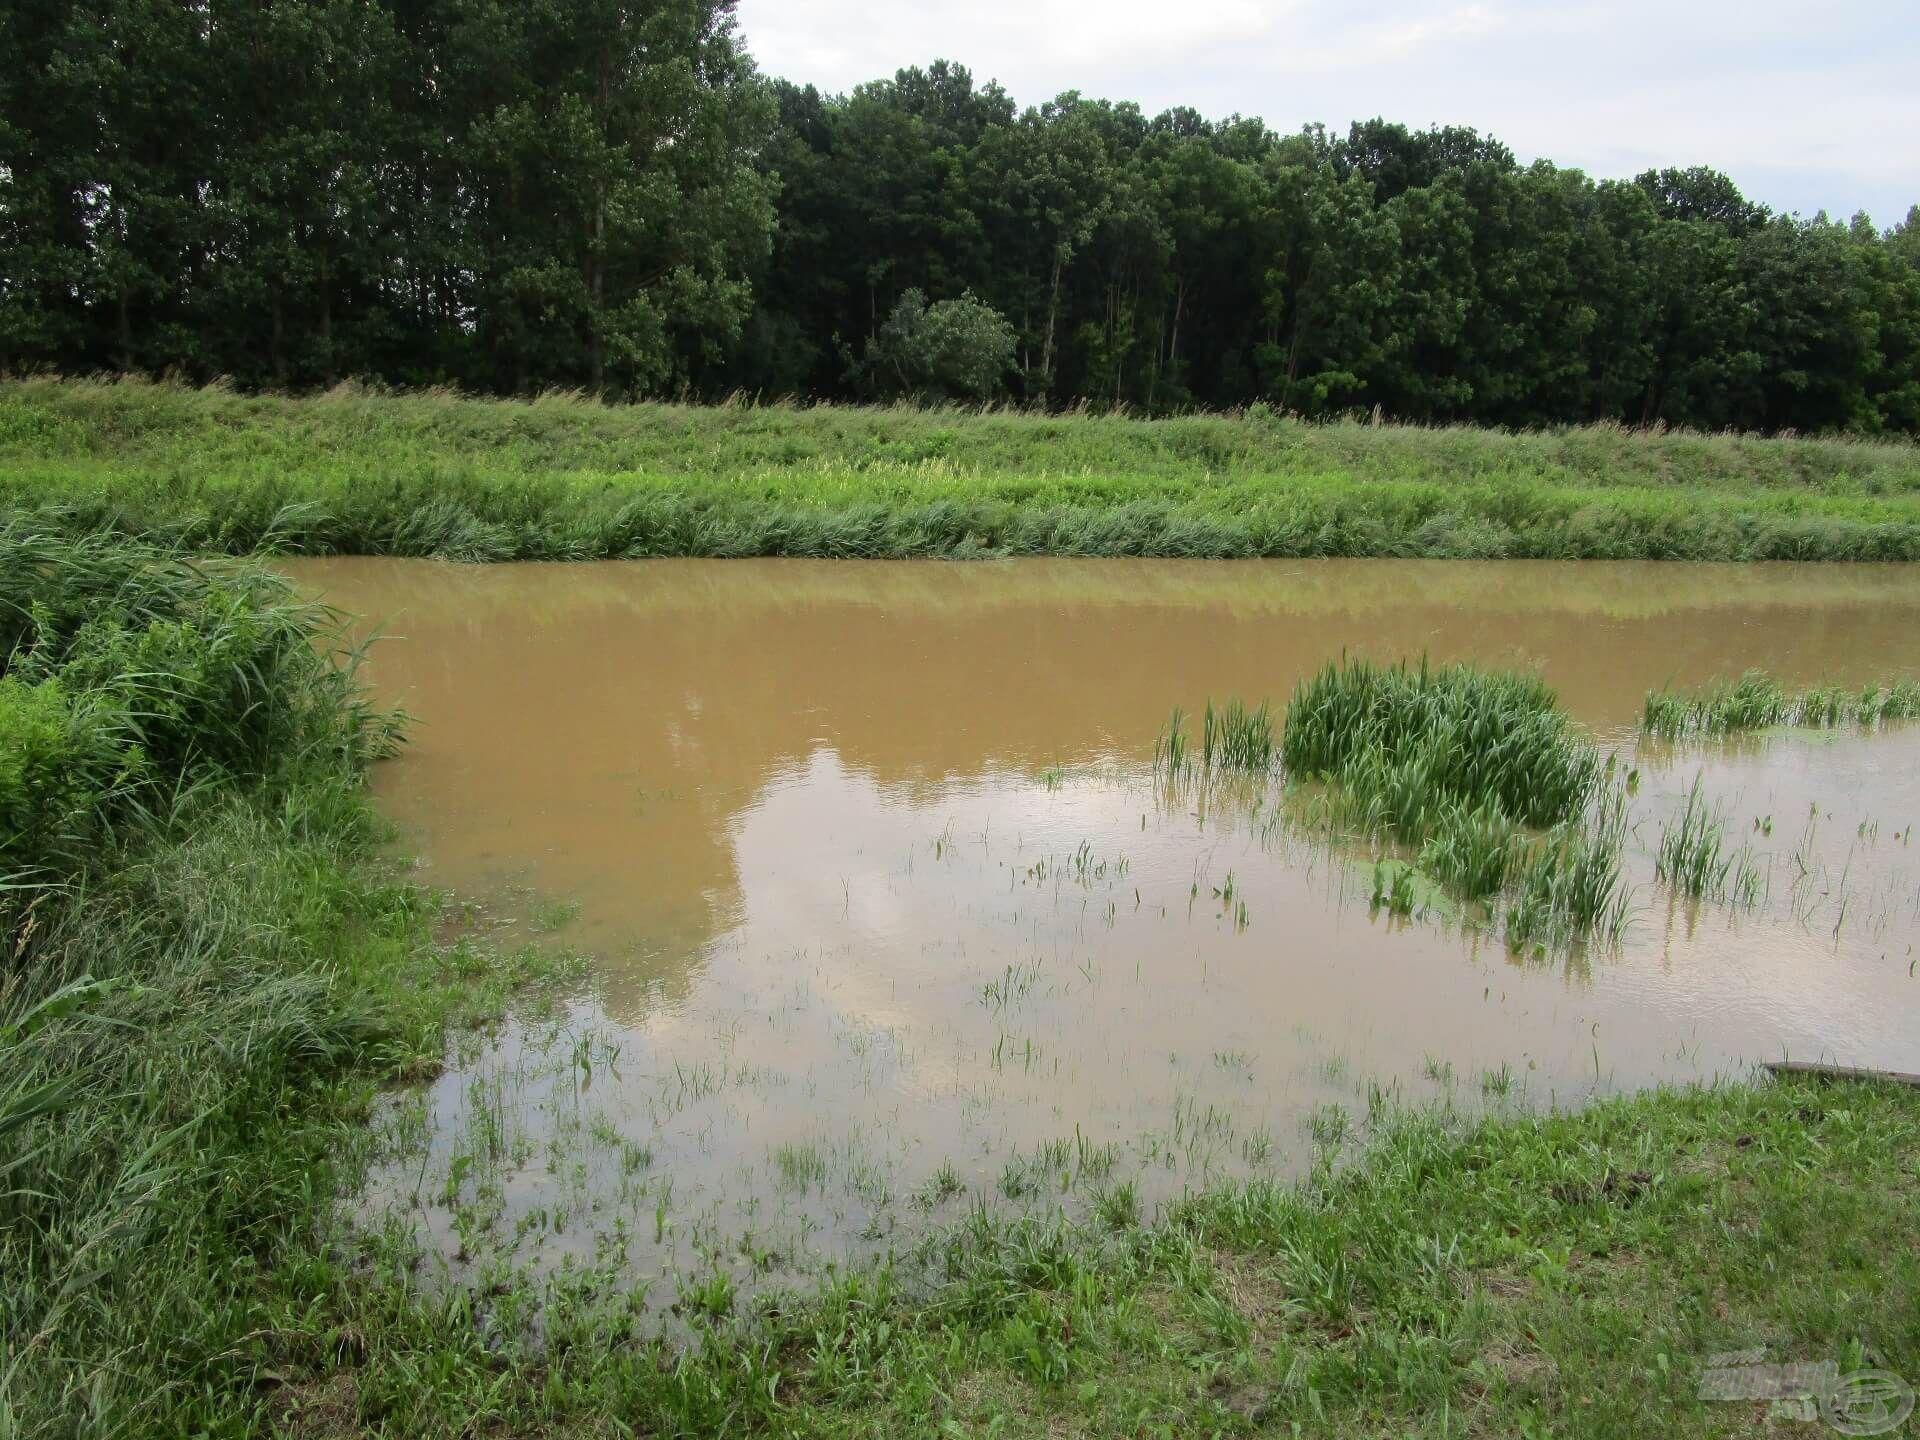 A nyári áradás nagyon ritka a Zala folyón